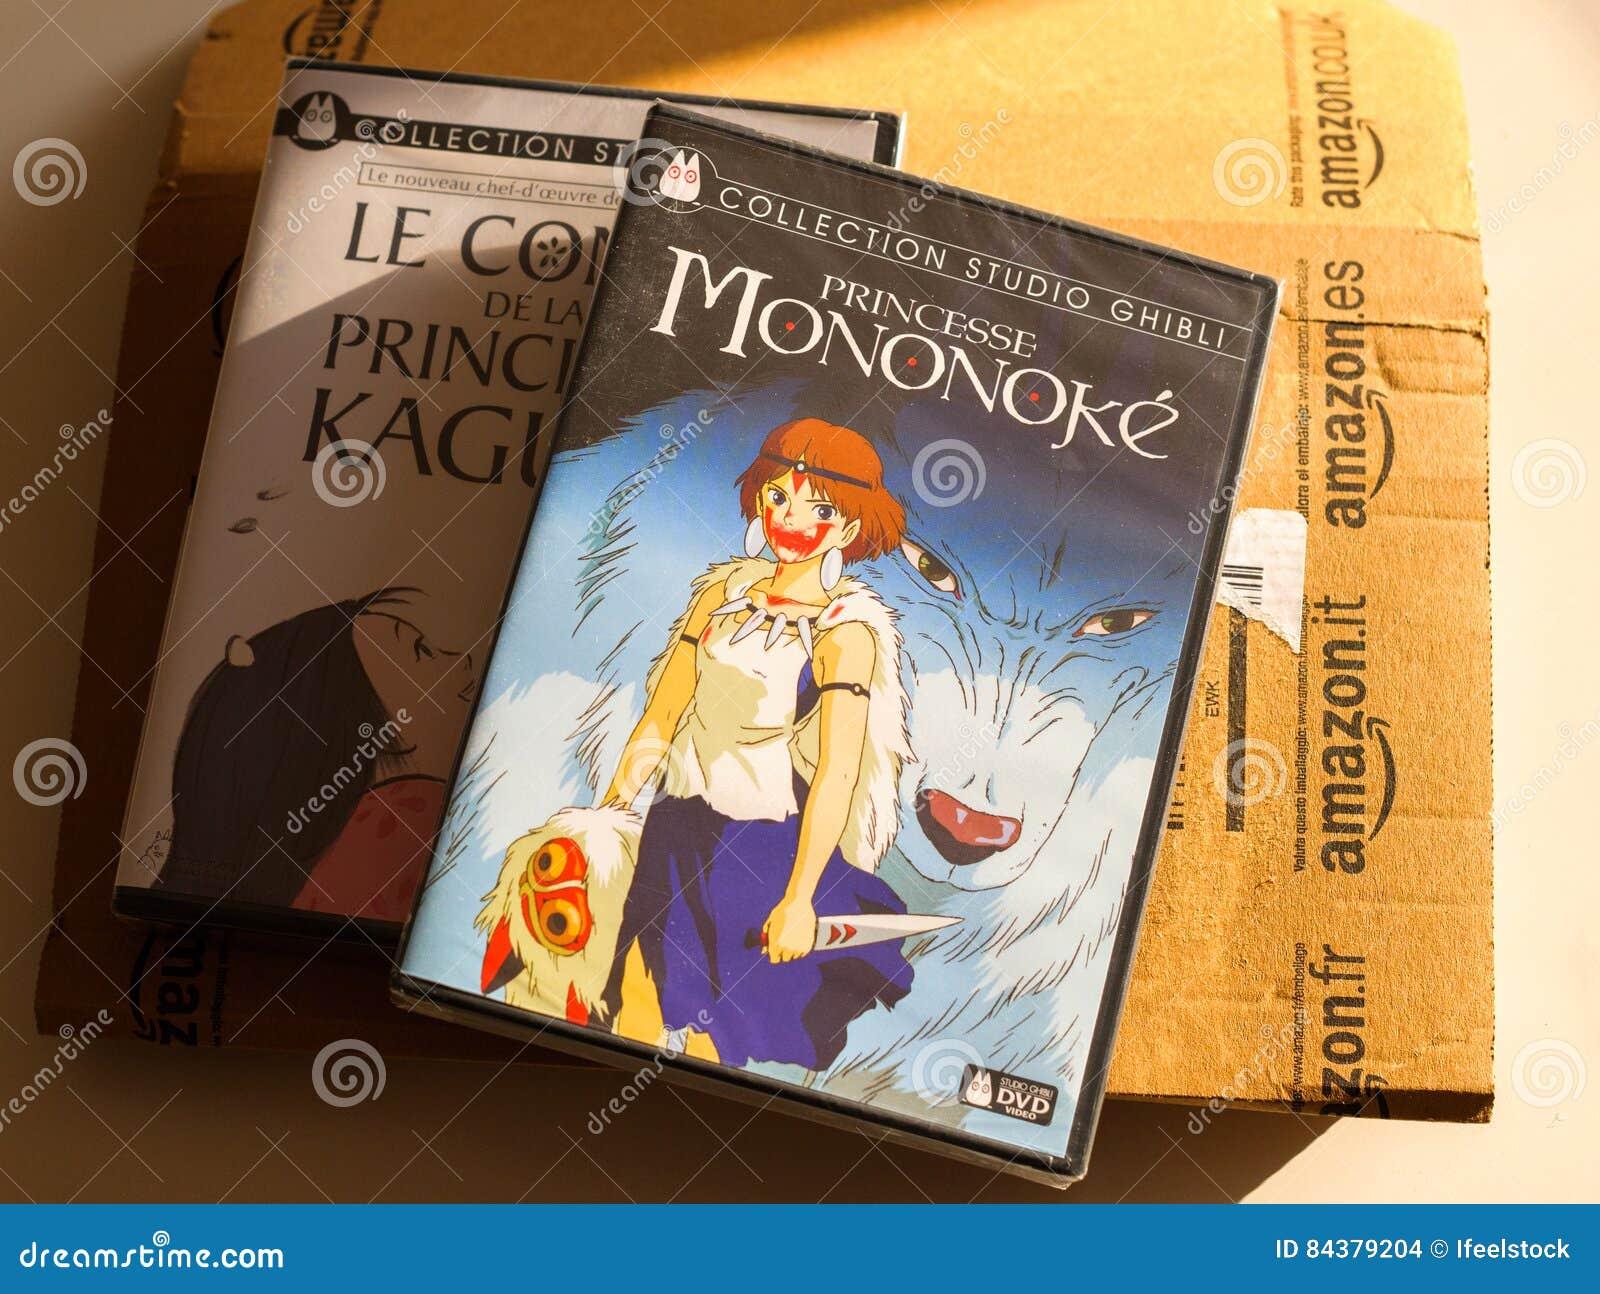 Princesse Mononoke Et Conte De La Princesse Kaguya Image